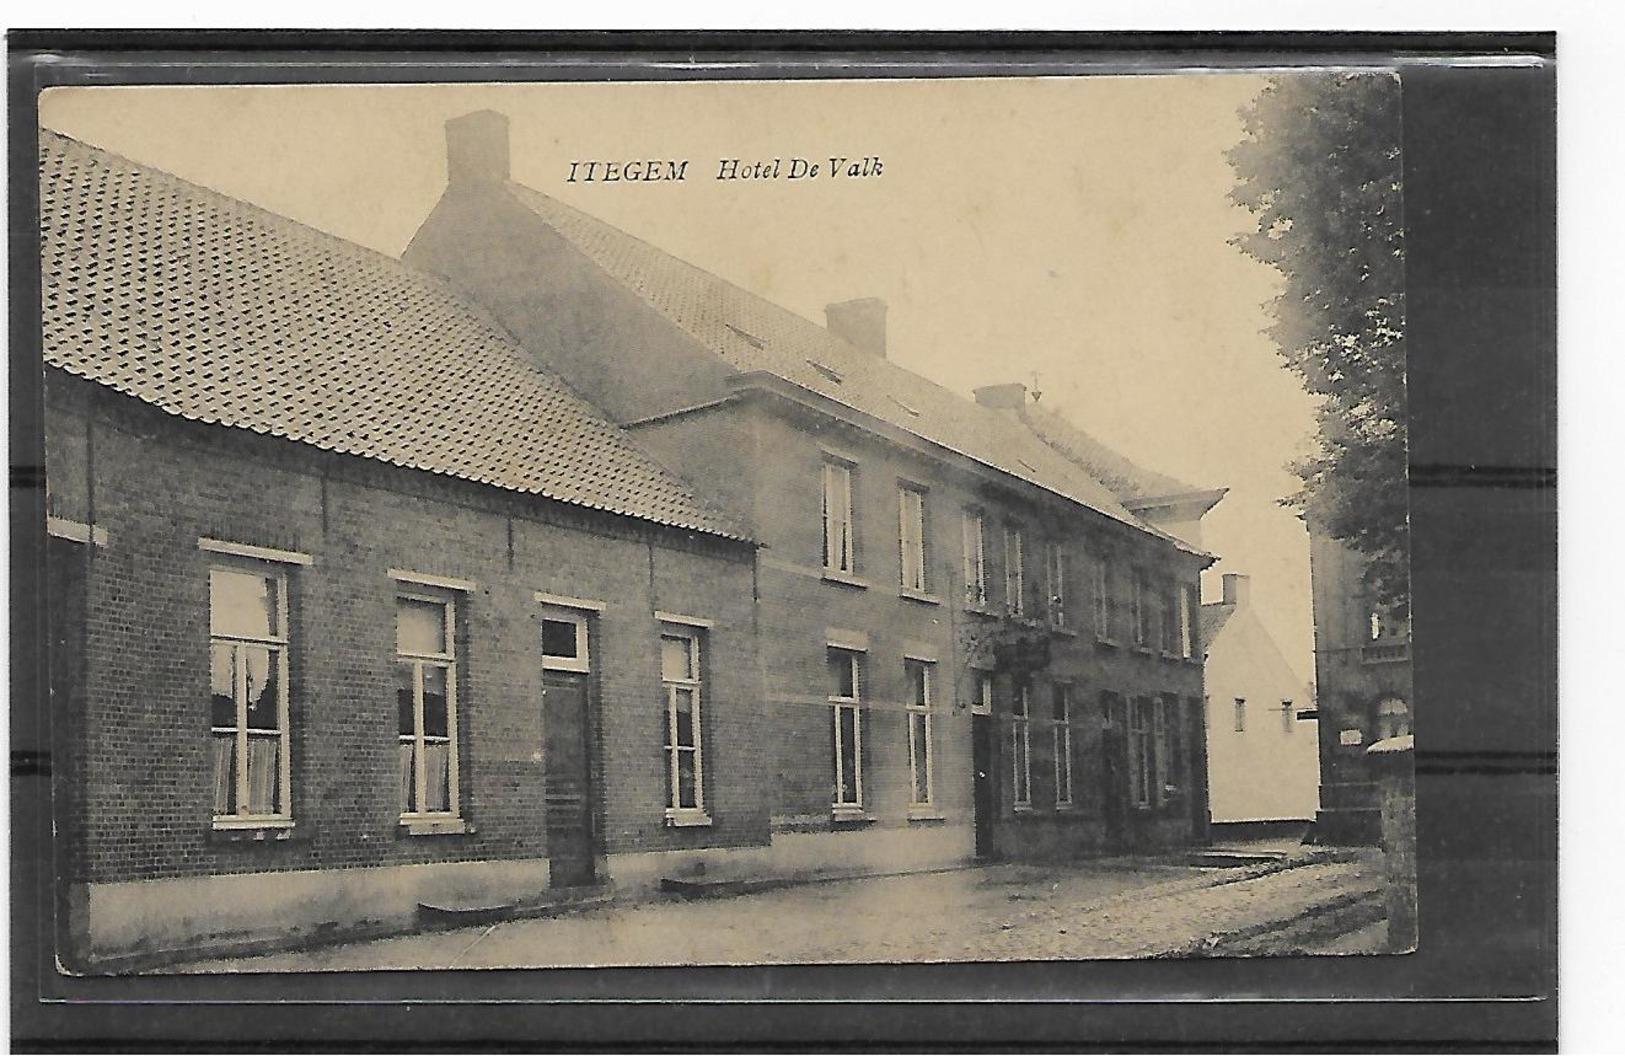 Itegem  Hotel De Valk - Heist-op-den-Berg